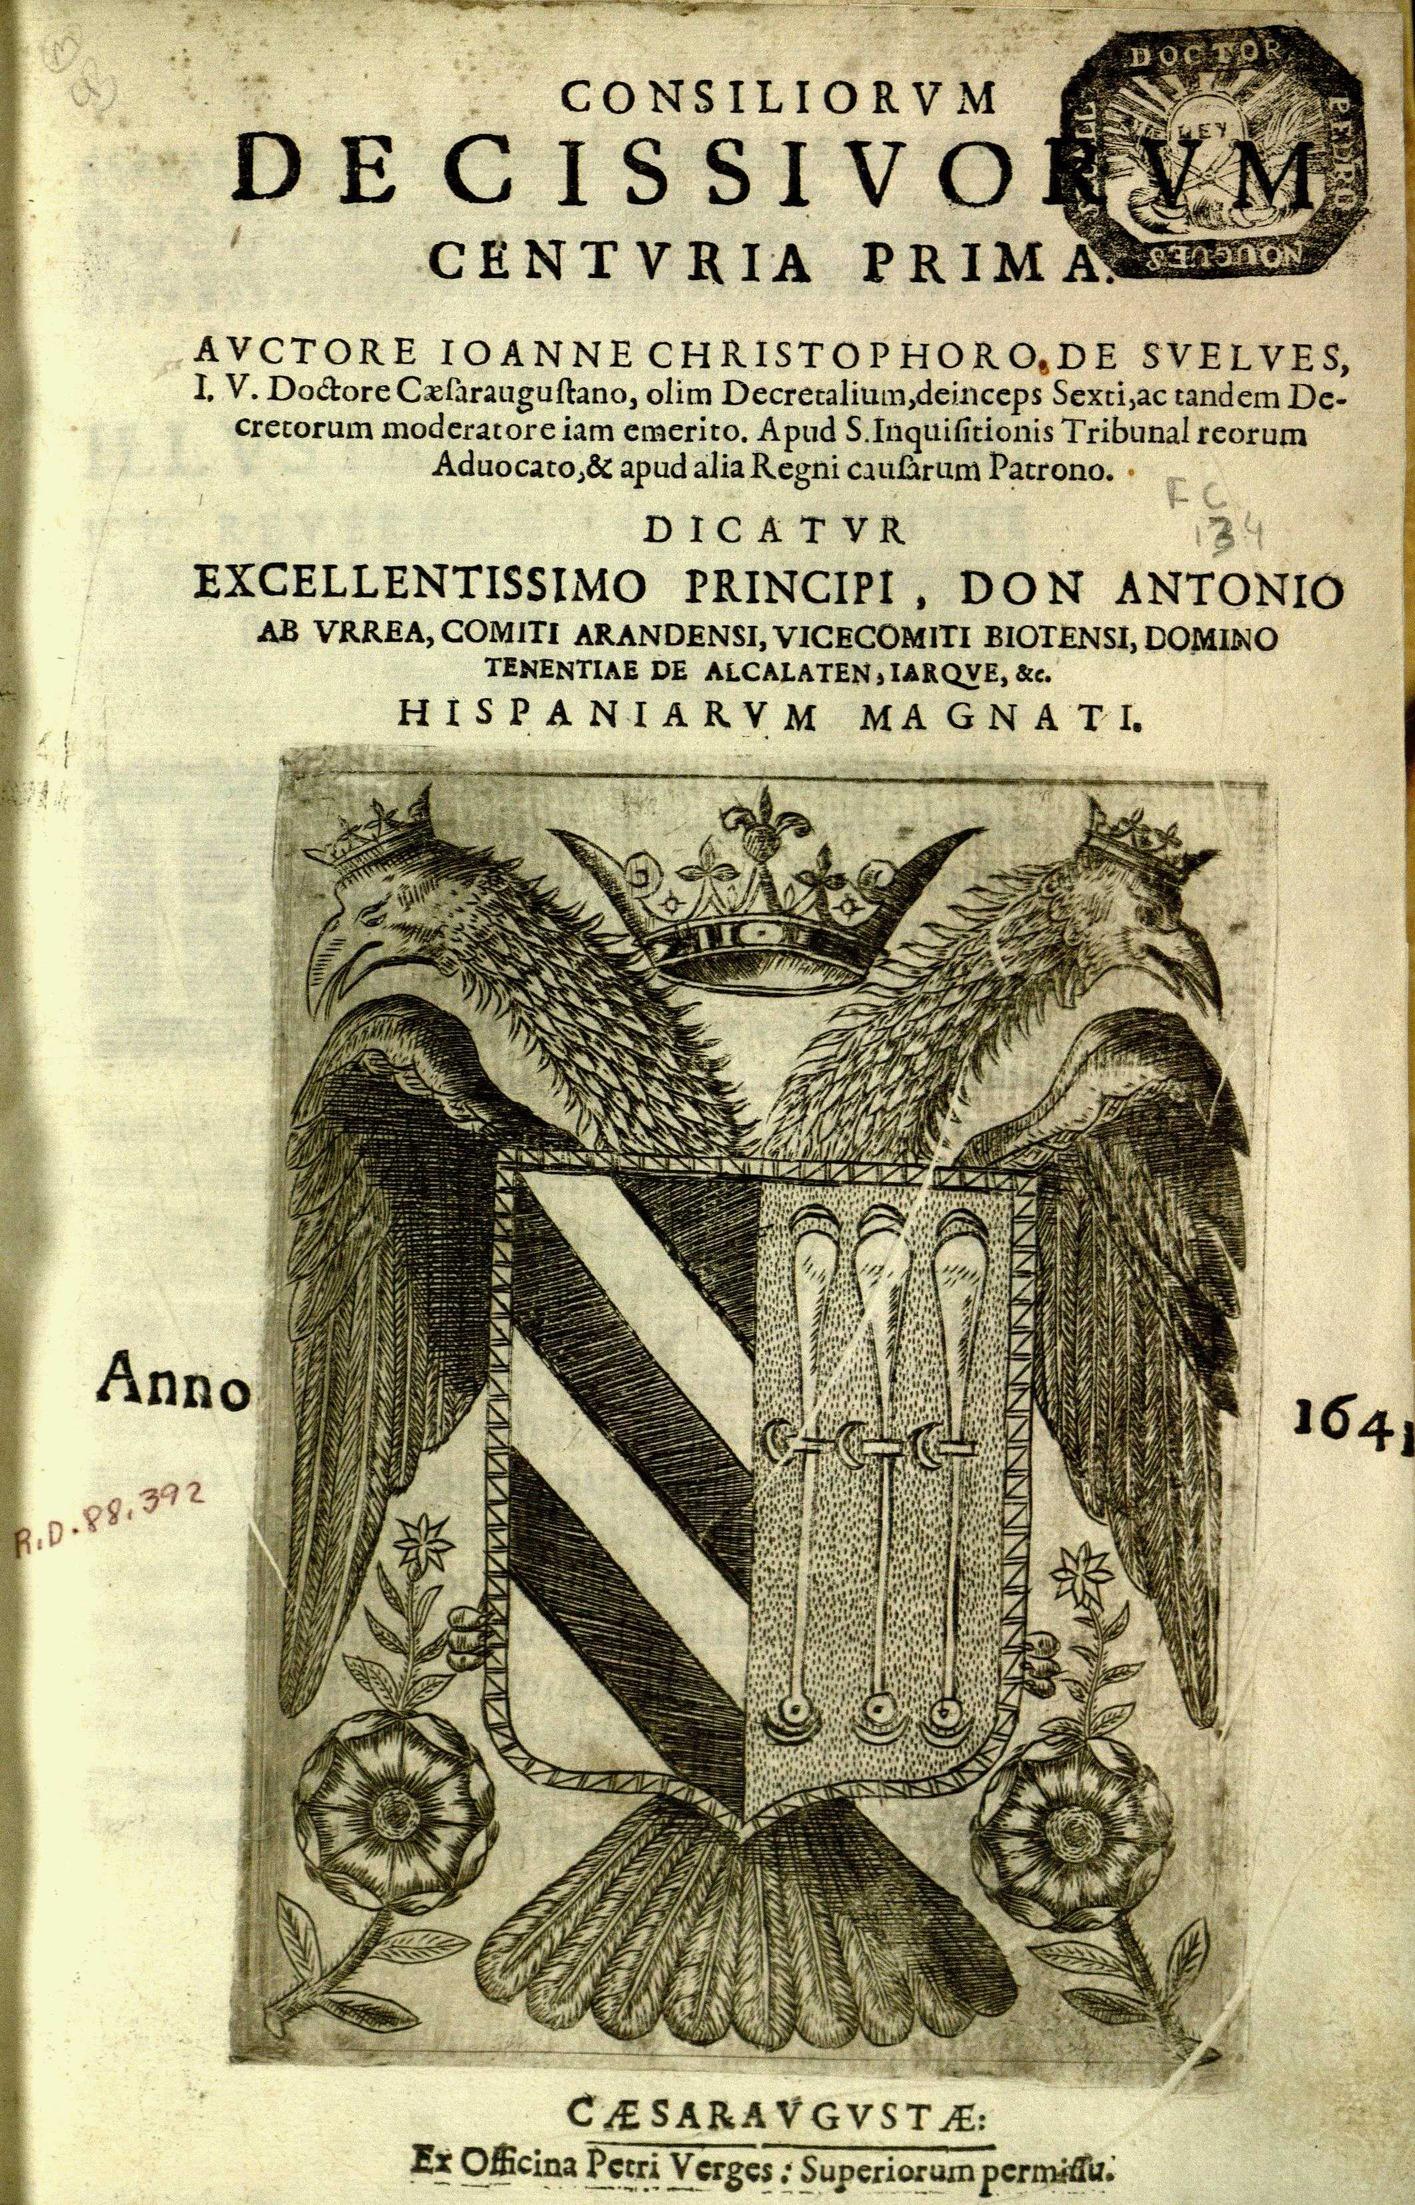 Consiliorum decissivorum, 1641